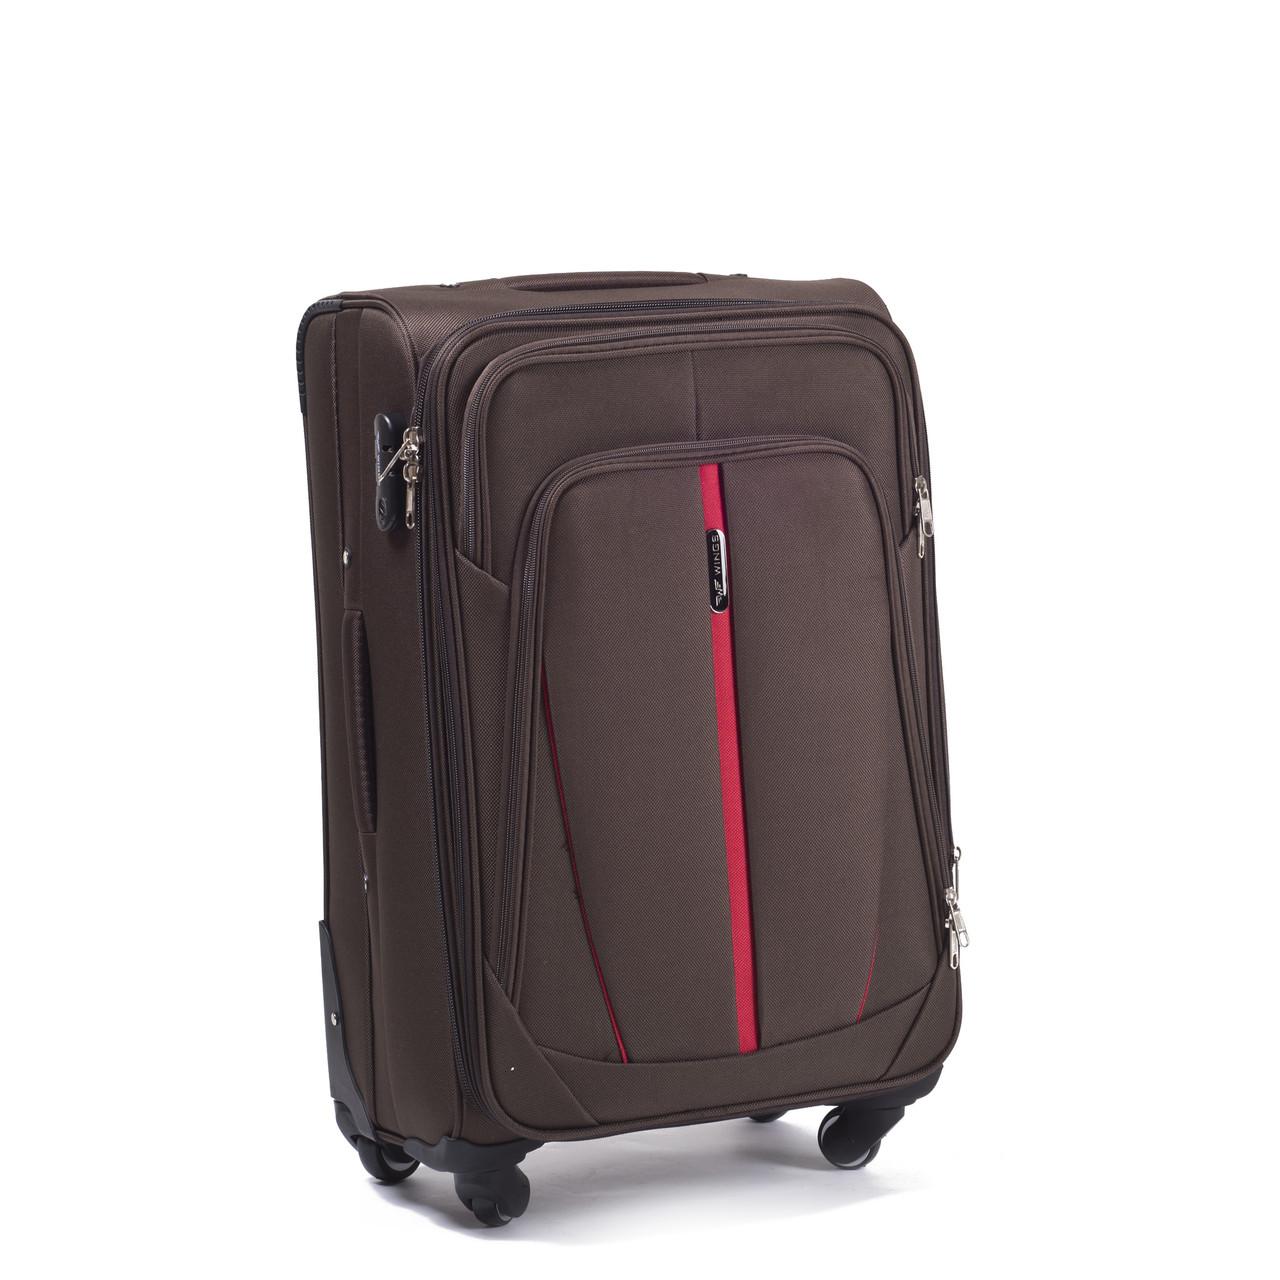 Большой тканевый чемодан Wings 1706 на 4 колесах коричневый